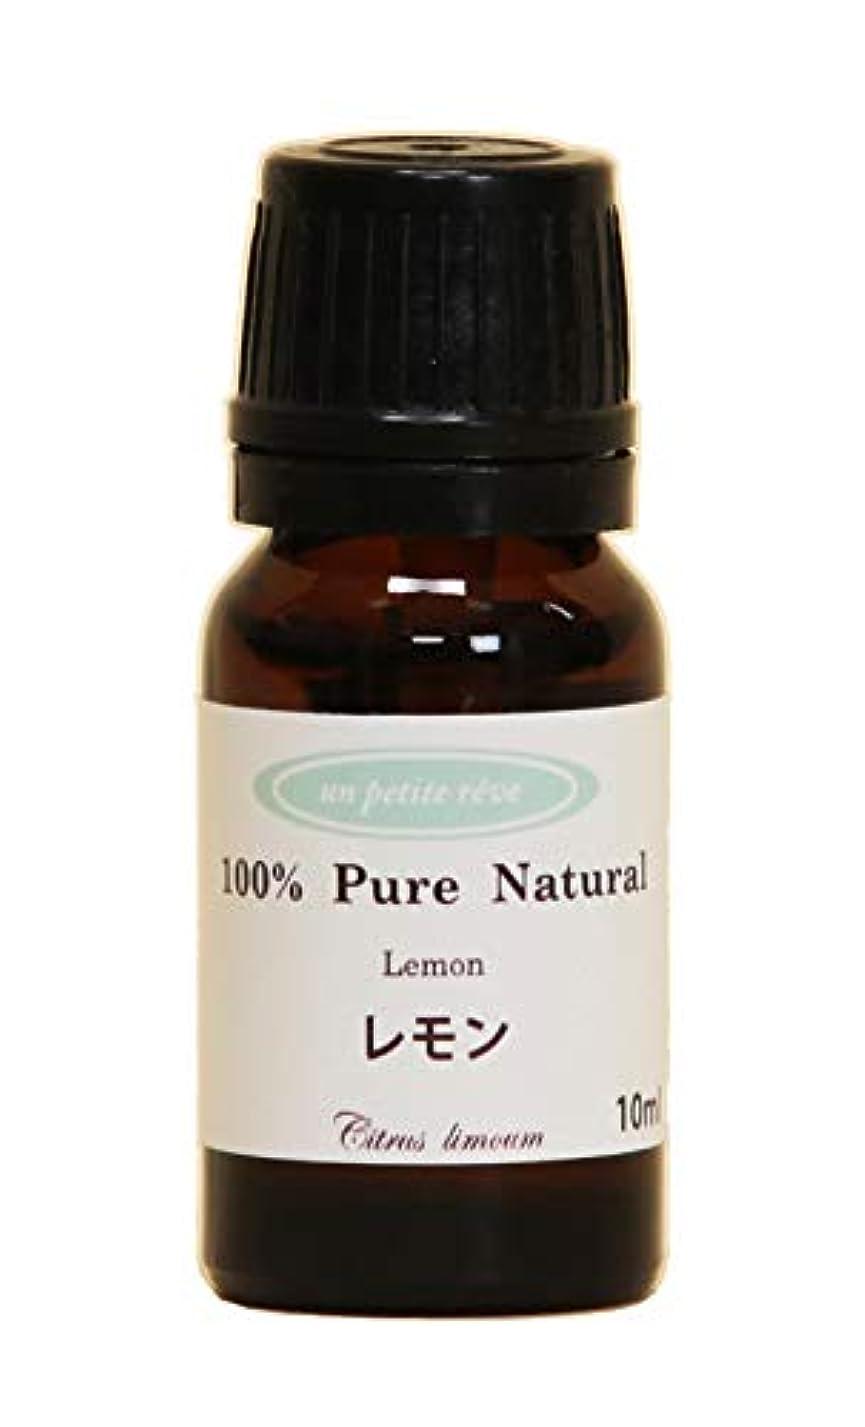 指定貧困剪断レモン 10ml 100%天然アロマエッセンシャルオイル(精油)